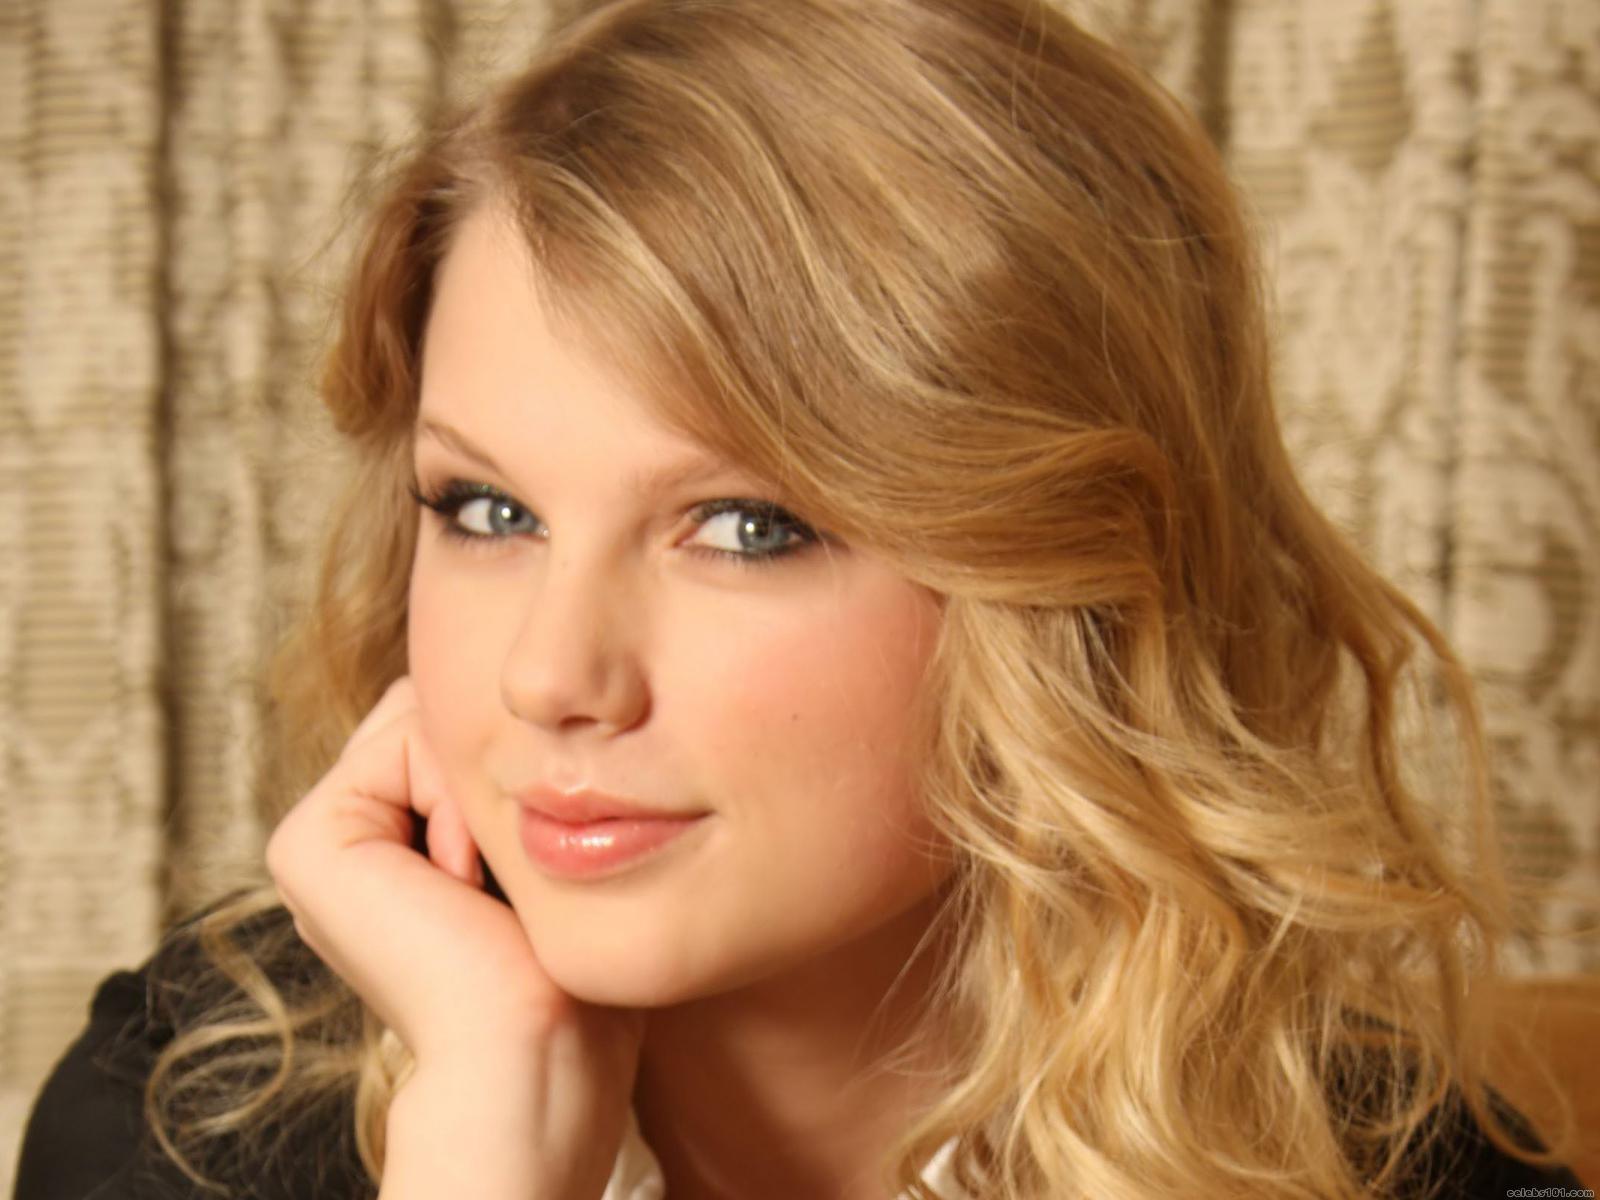 http://1.bp.blogspot.com/-hnRH7_w0LME/TgcDbejMmCI/AAAAAAAAAB0/ST5pTjO1PXg/s1600/Taylor_Swift_2.jpg